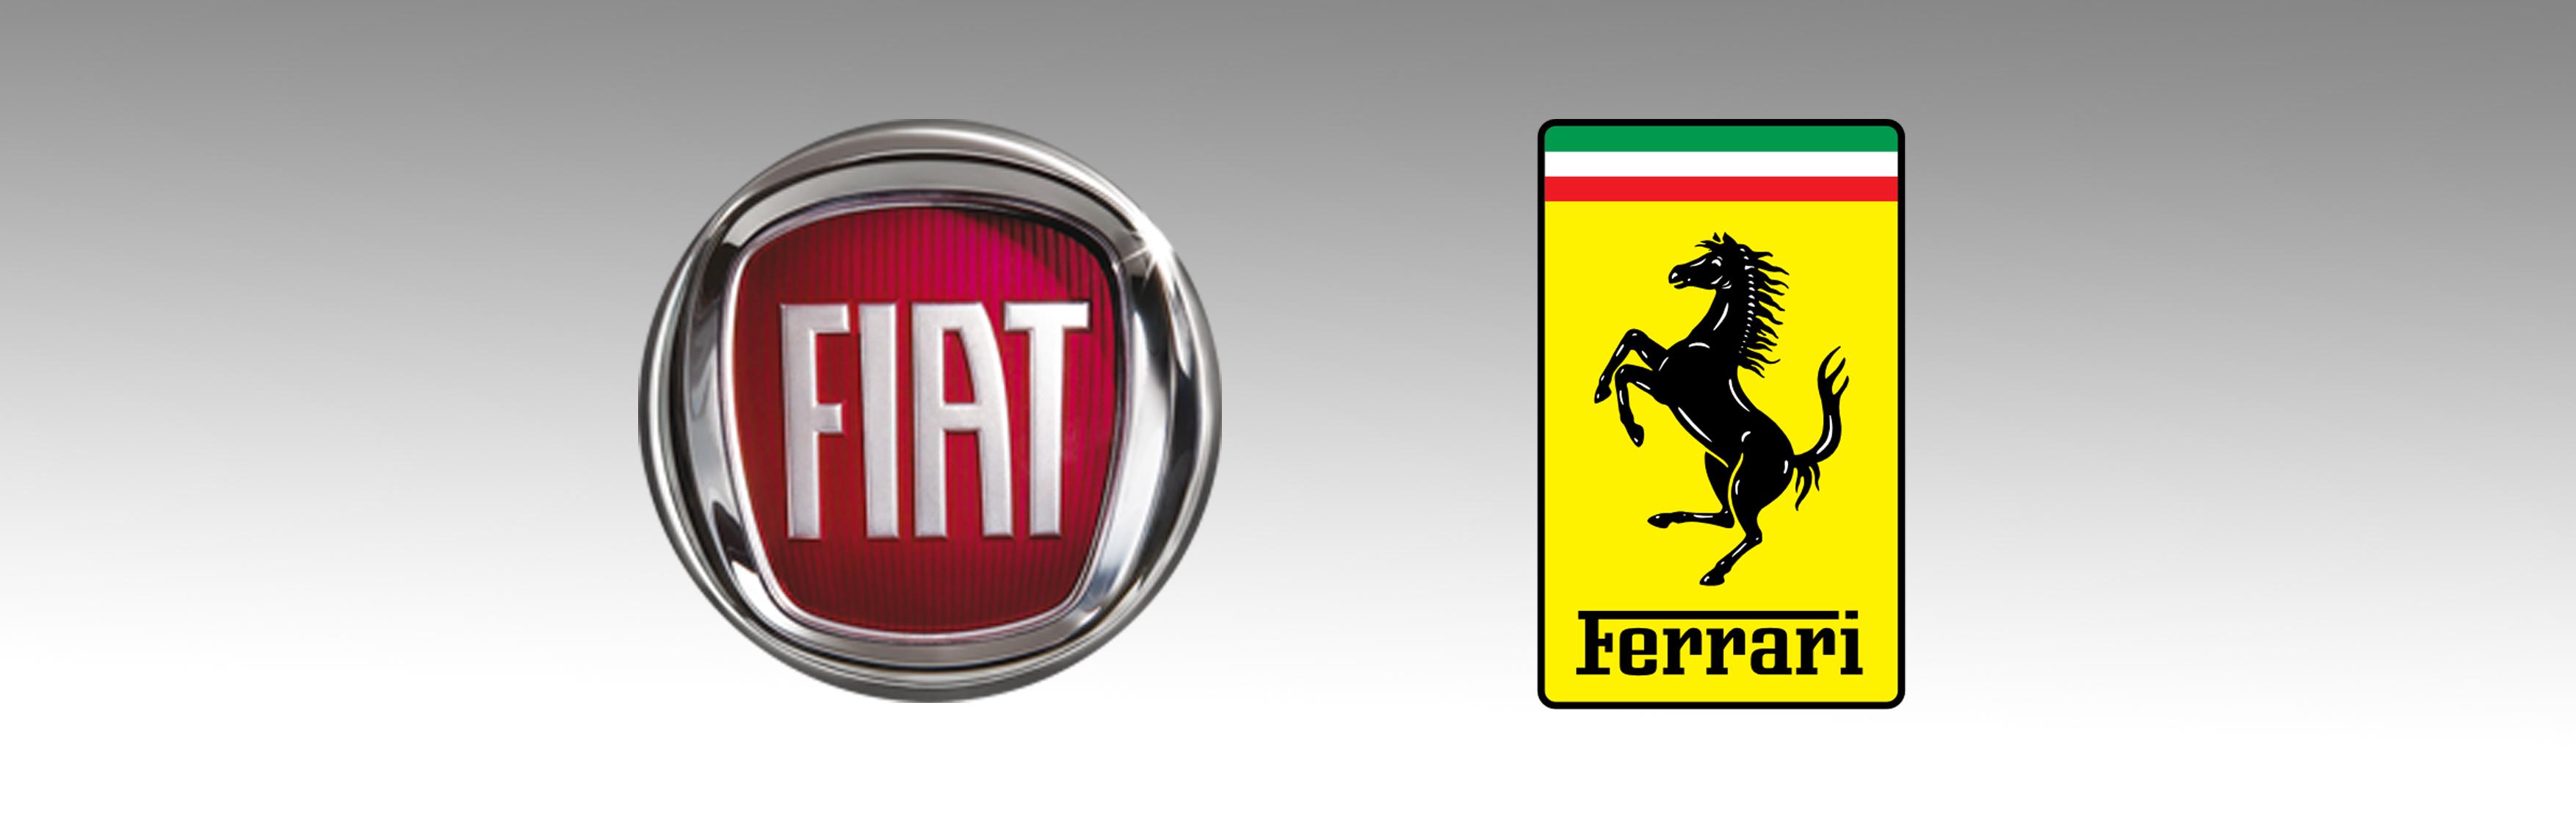 Ferrari-Fiat, il legame è nel nome